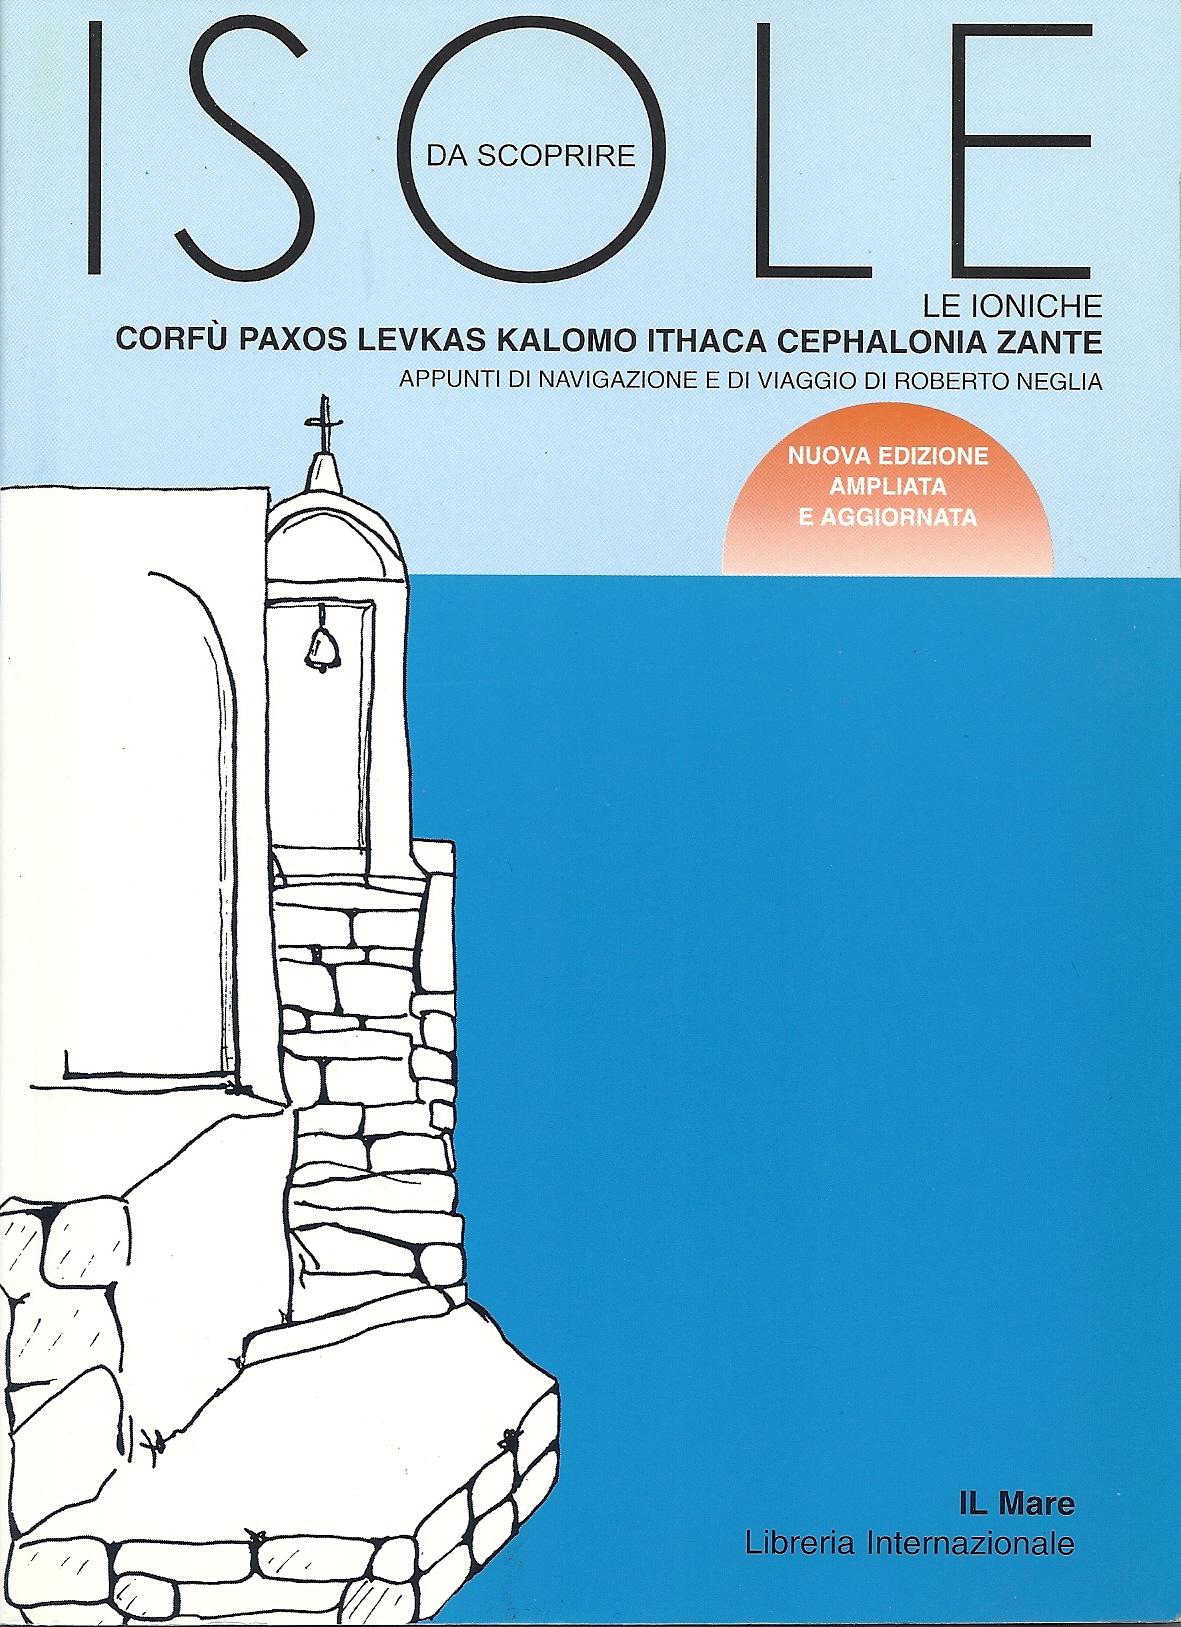 Isole da scoprire: le ioniche Corfù, Paxos, Levkas, Ithaca, Cephalonia, Zante